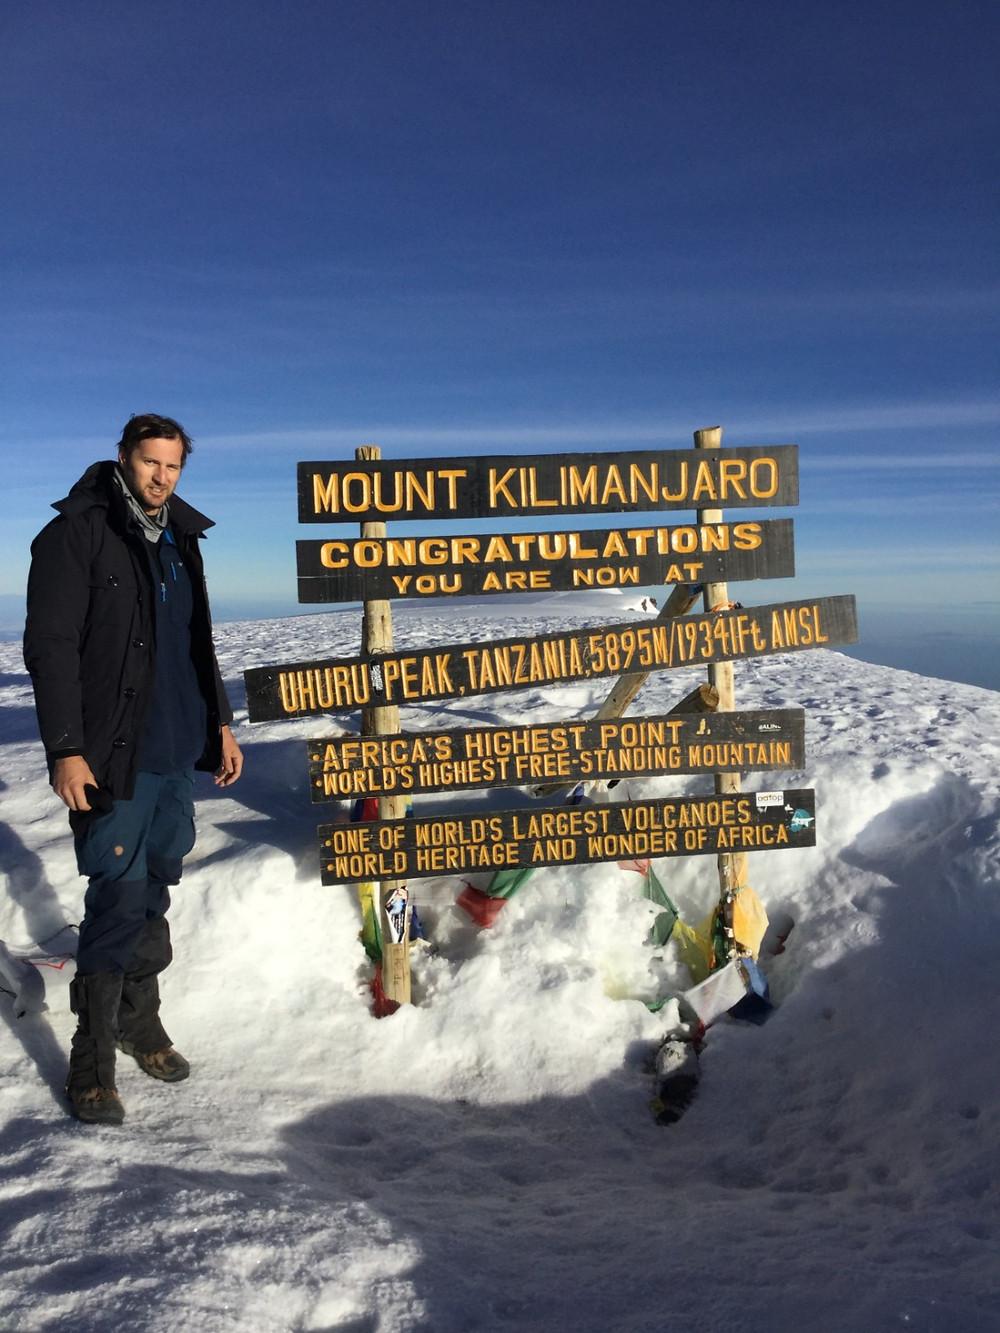 Lucas Evangelista Kilimanjaro submit, from dark to light